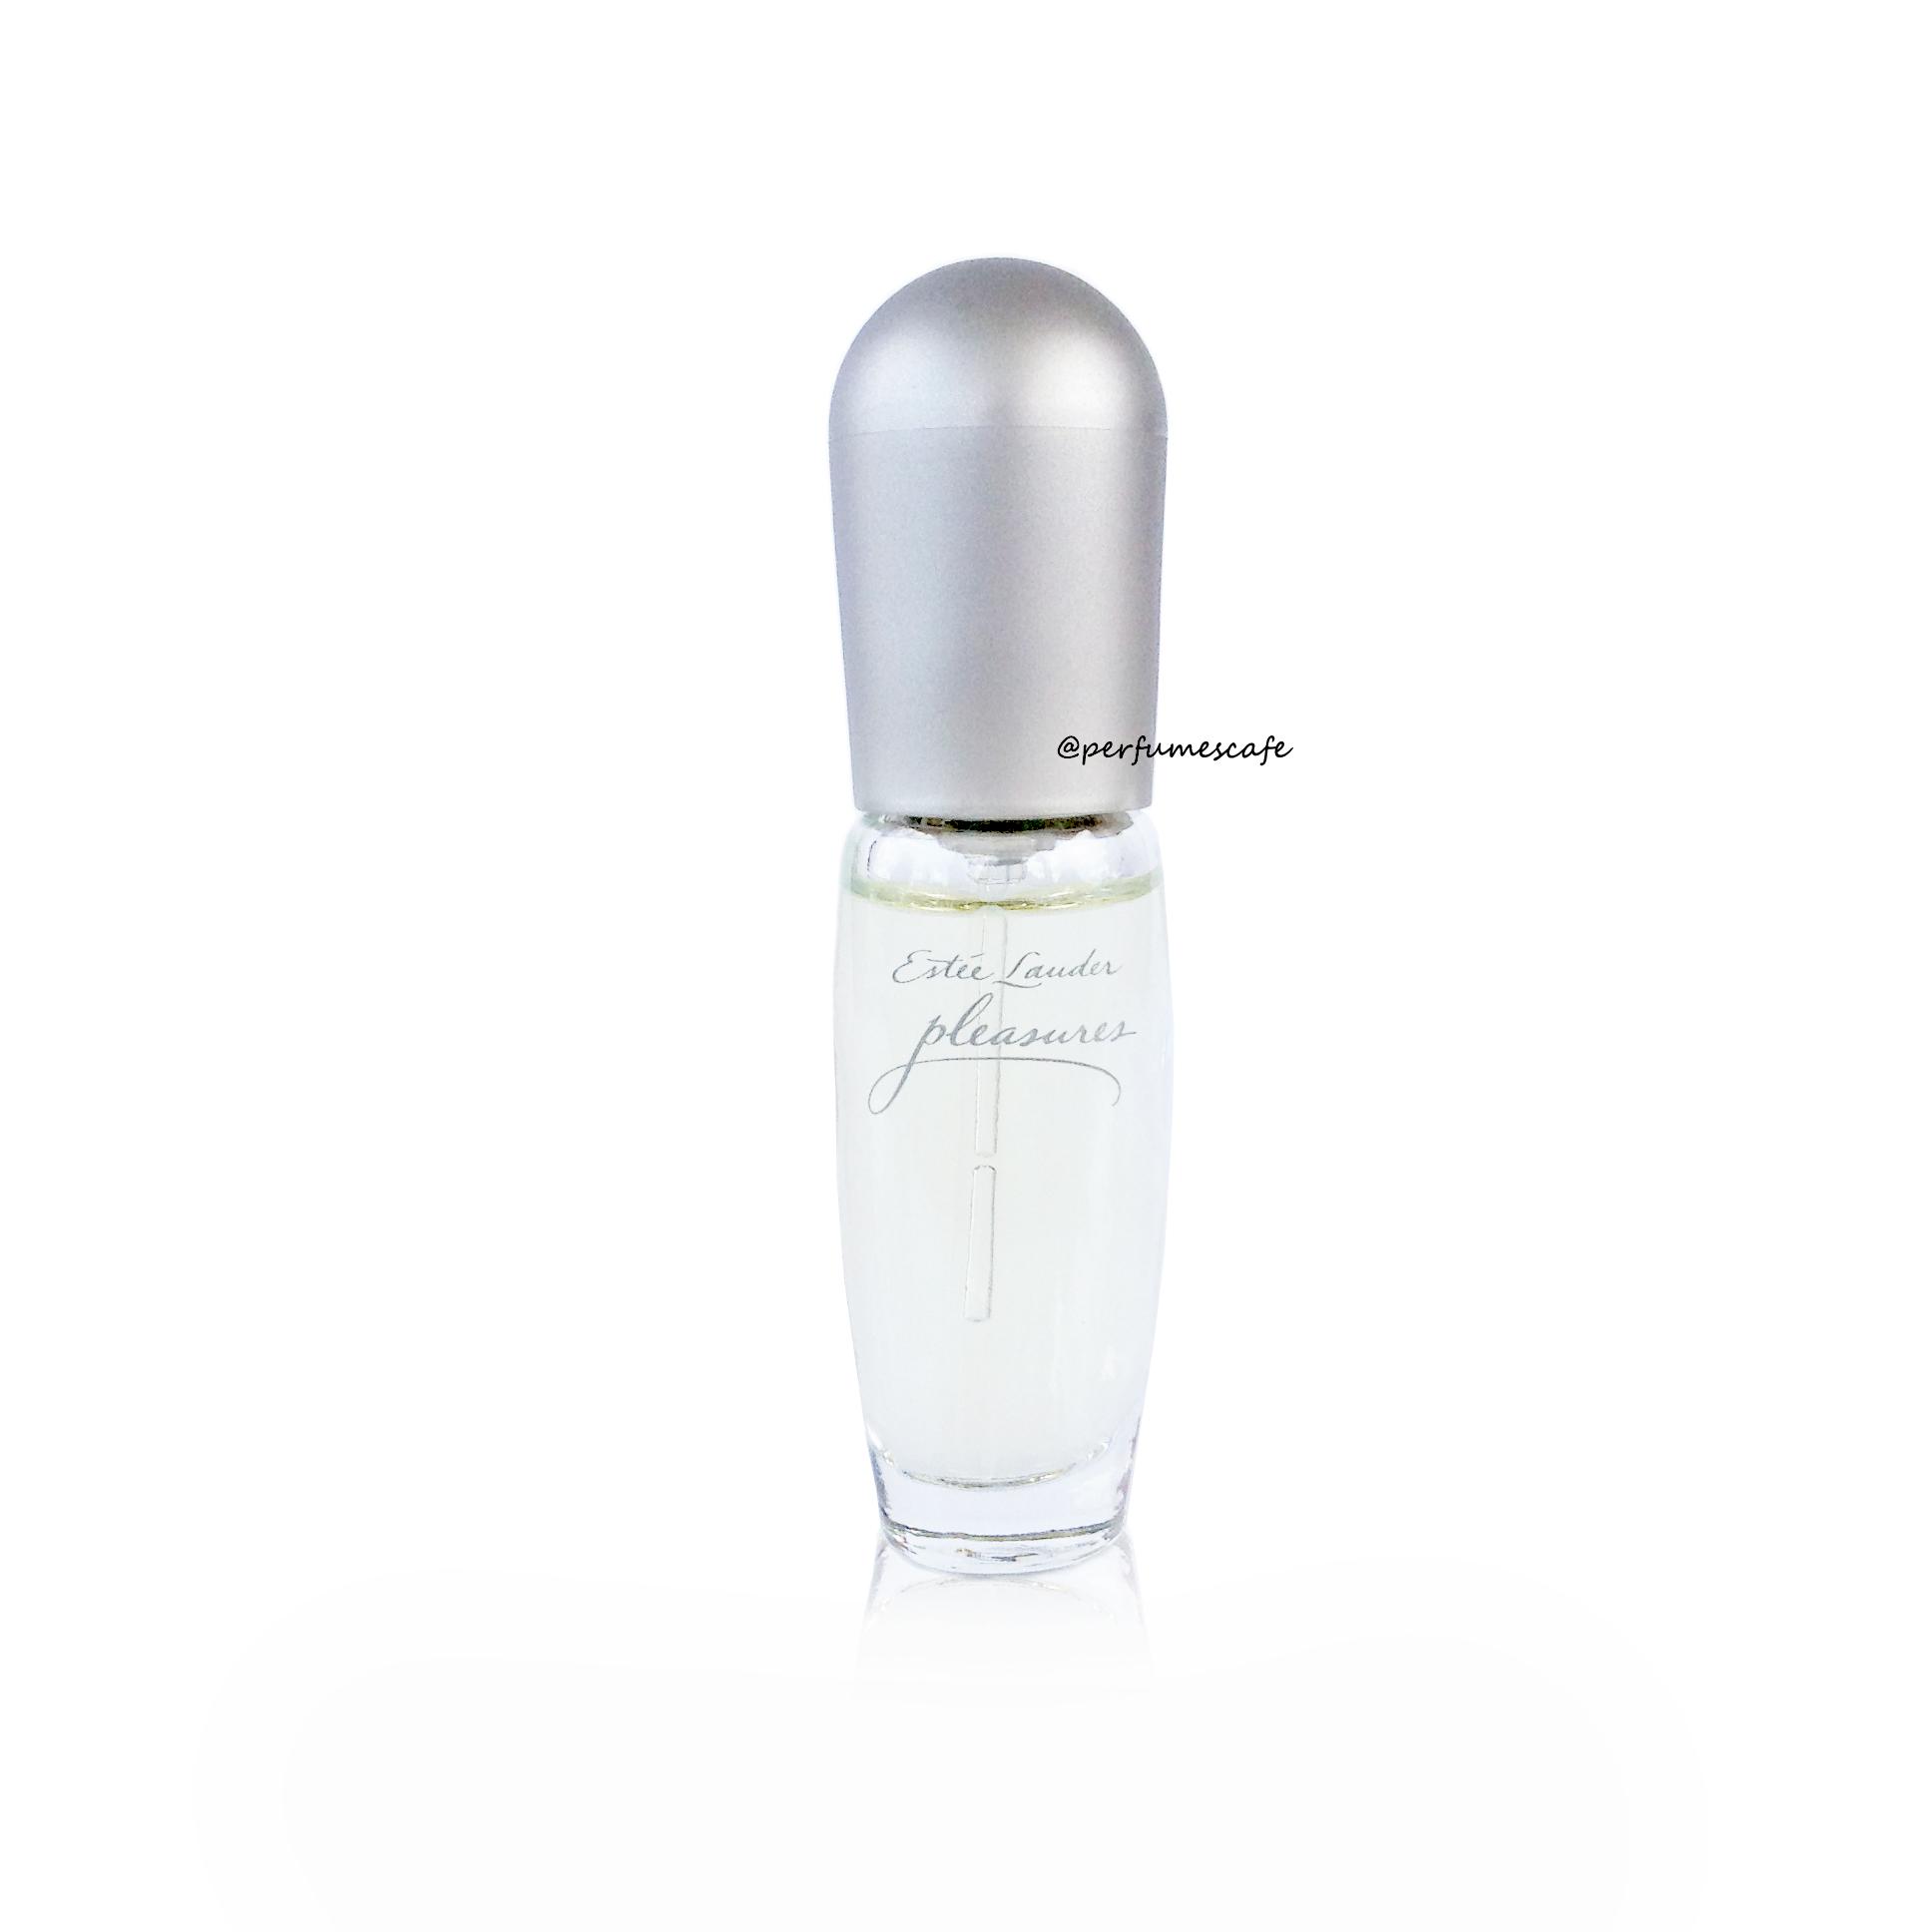 น้ำหอม Estée Lauder pleasures Eau de Parfum ขนาด 4ml. แบบสเปรย์